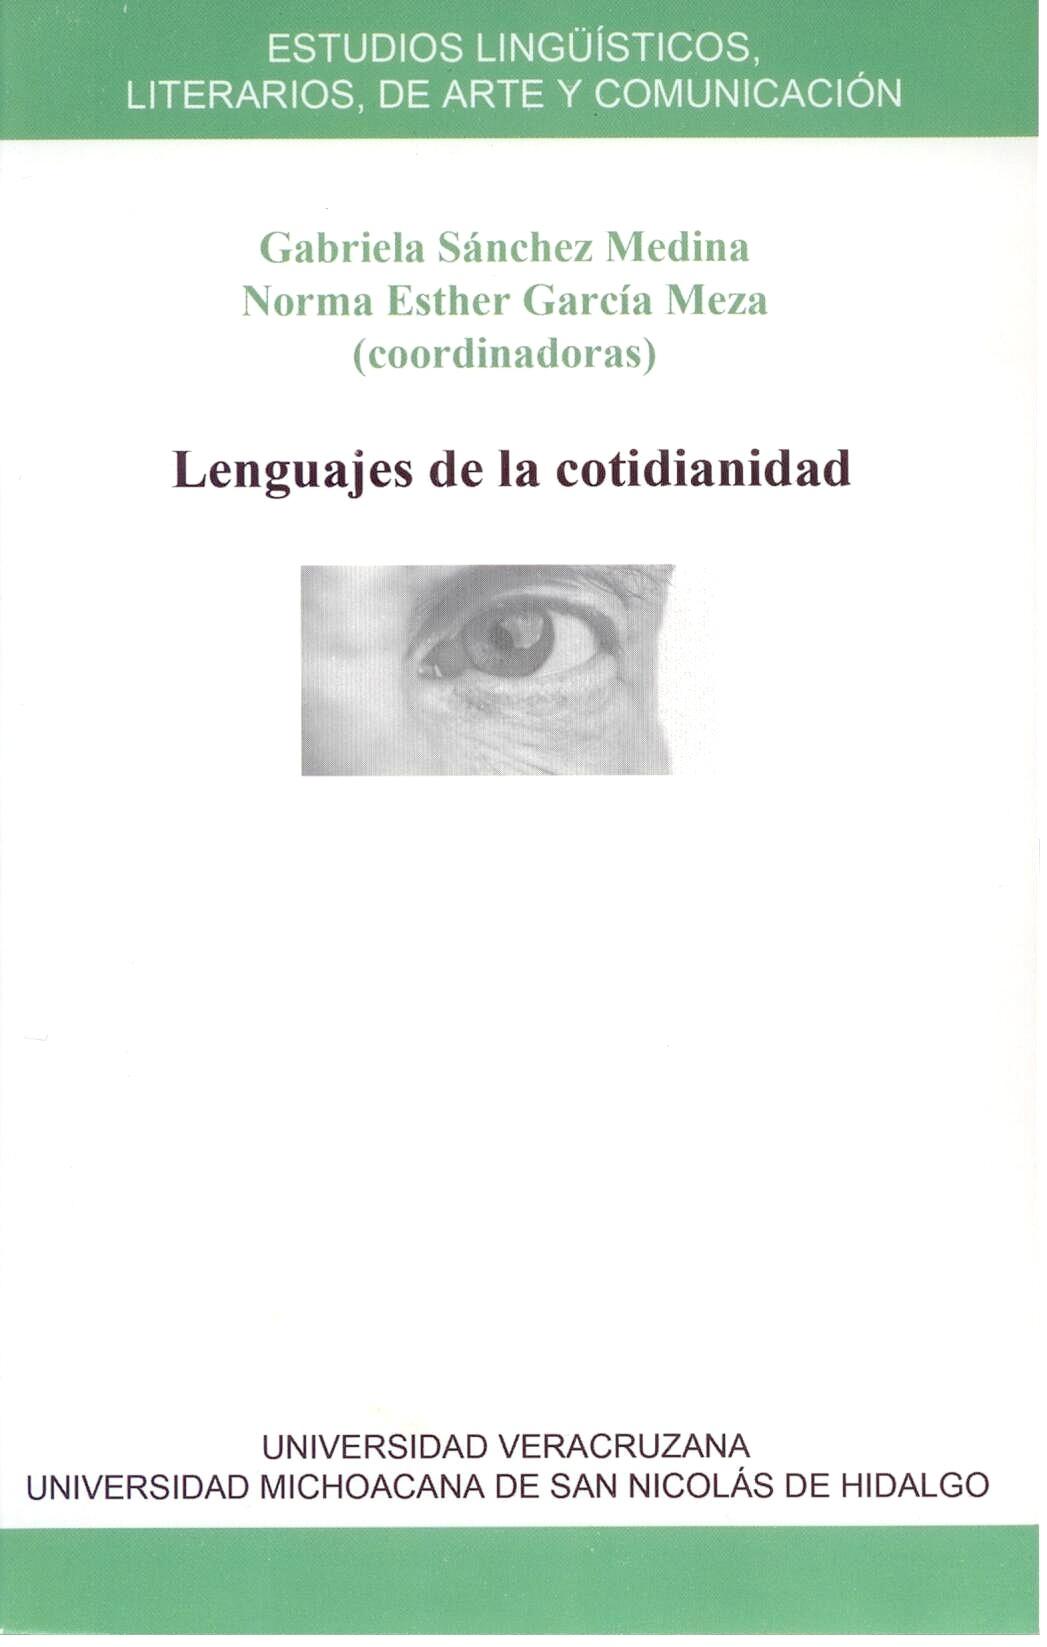 PORTADA-LIBRO-LENGUAJES-DE-LA-COTIDIANIDAD